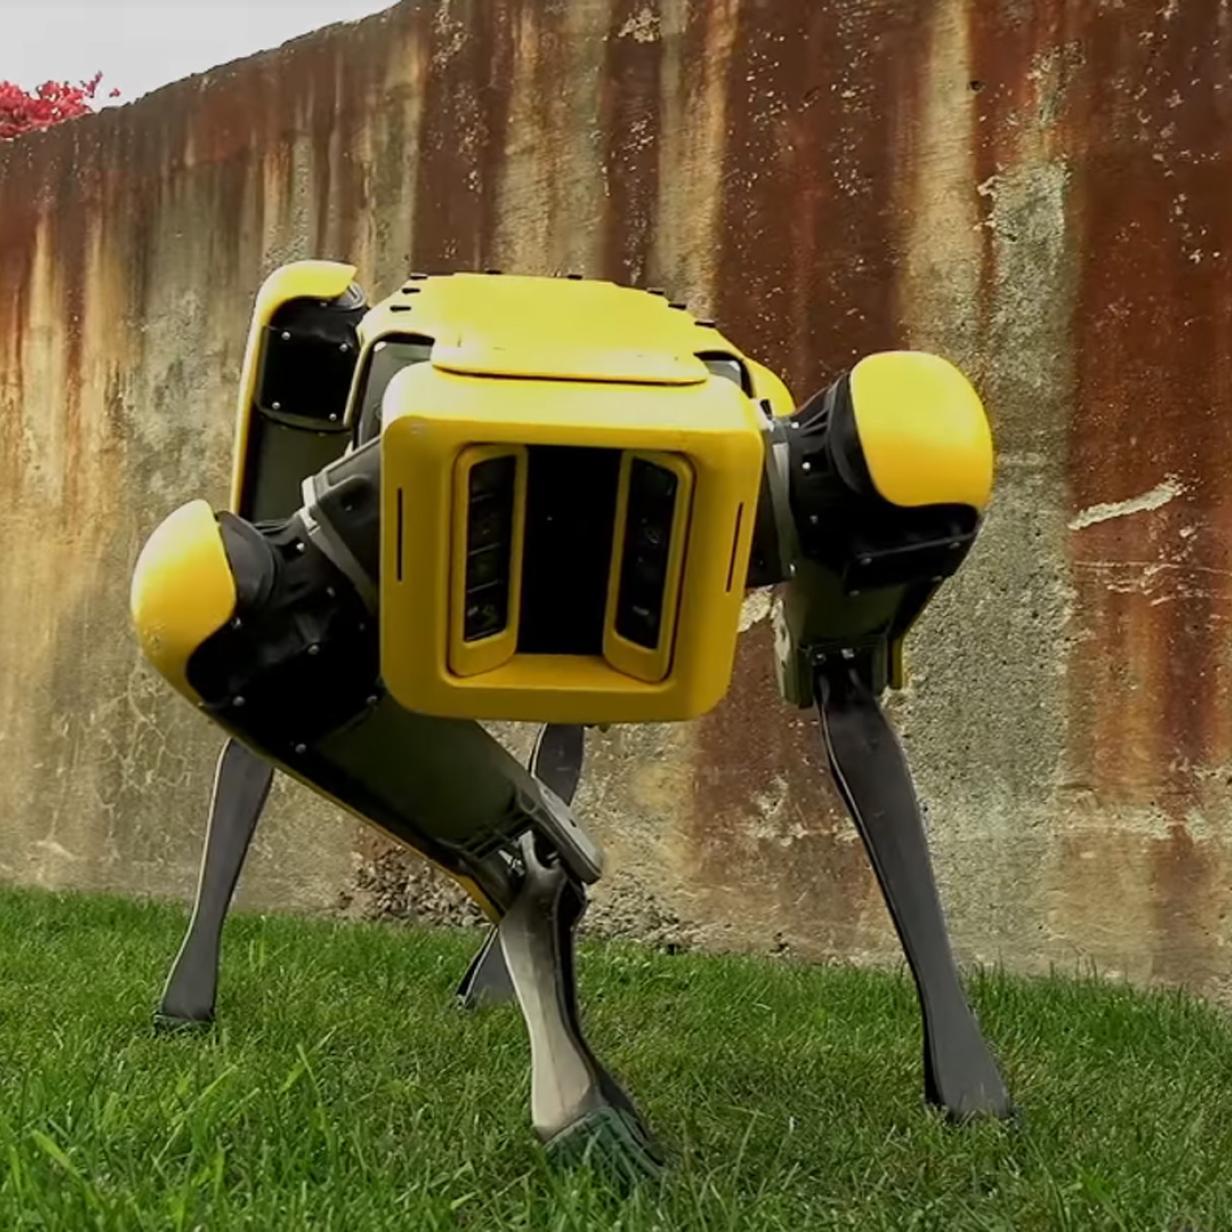 Hundeähnliche Roboter Spot Mini ziehen gemeinsam schweren Lkw